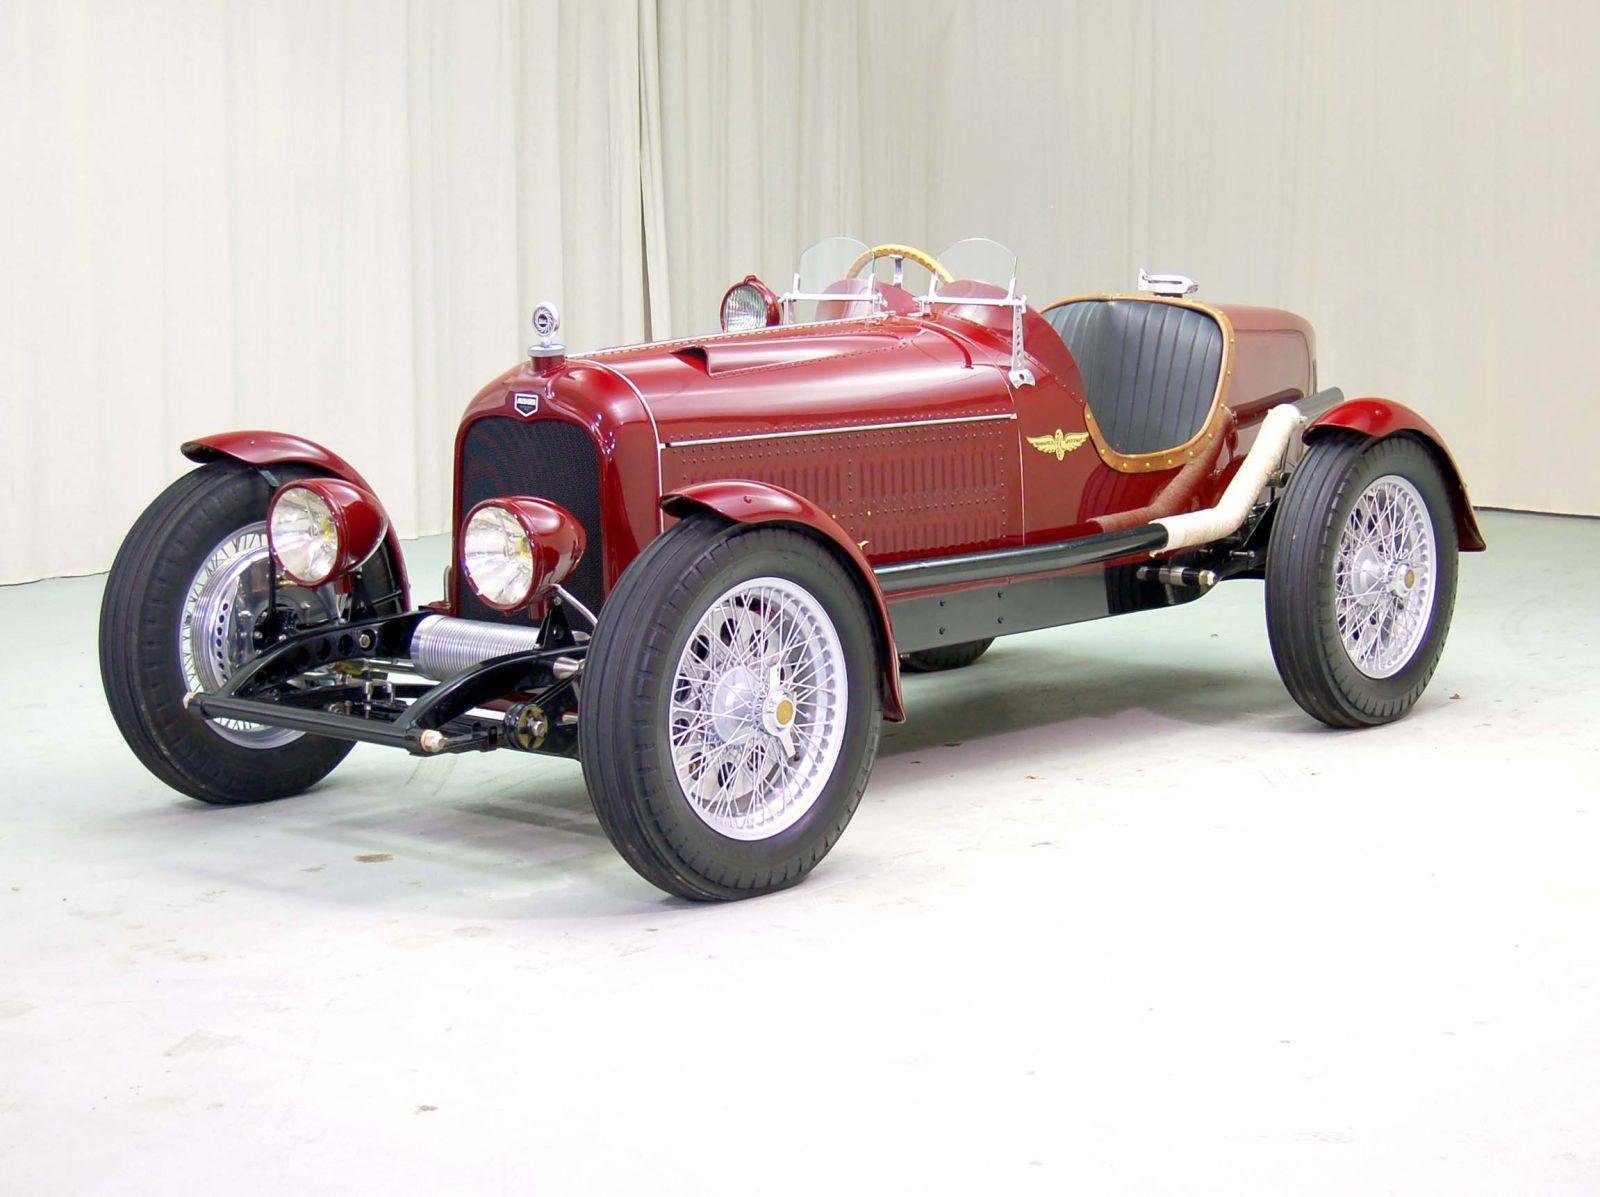 1929 Auburn Race Car Classic Car For Sale | Buy 1929 Auburn Race Car at Hyman LTD